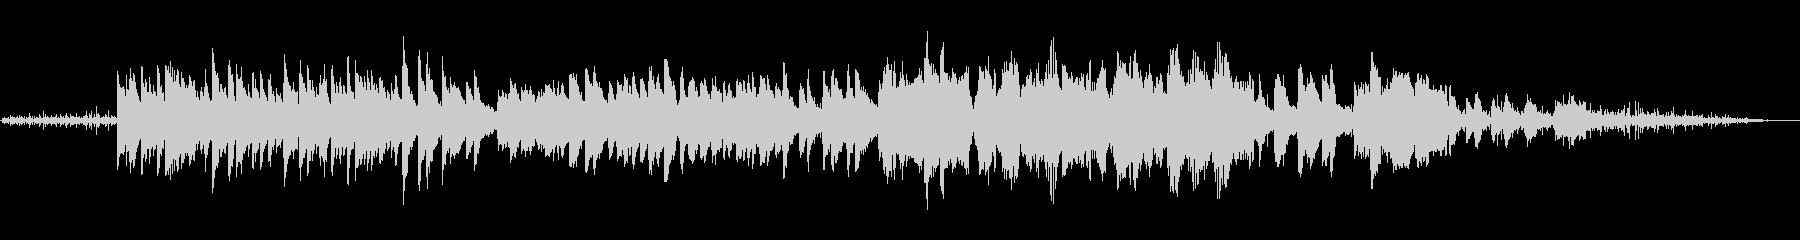 ゆったりヒーリングクラシック4-渓流音の未再生の波形